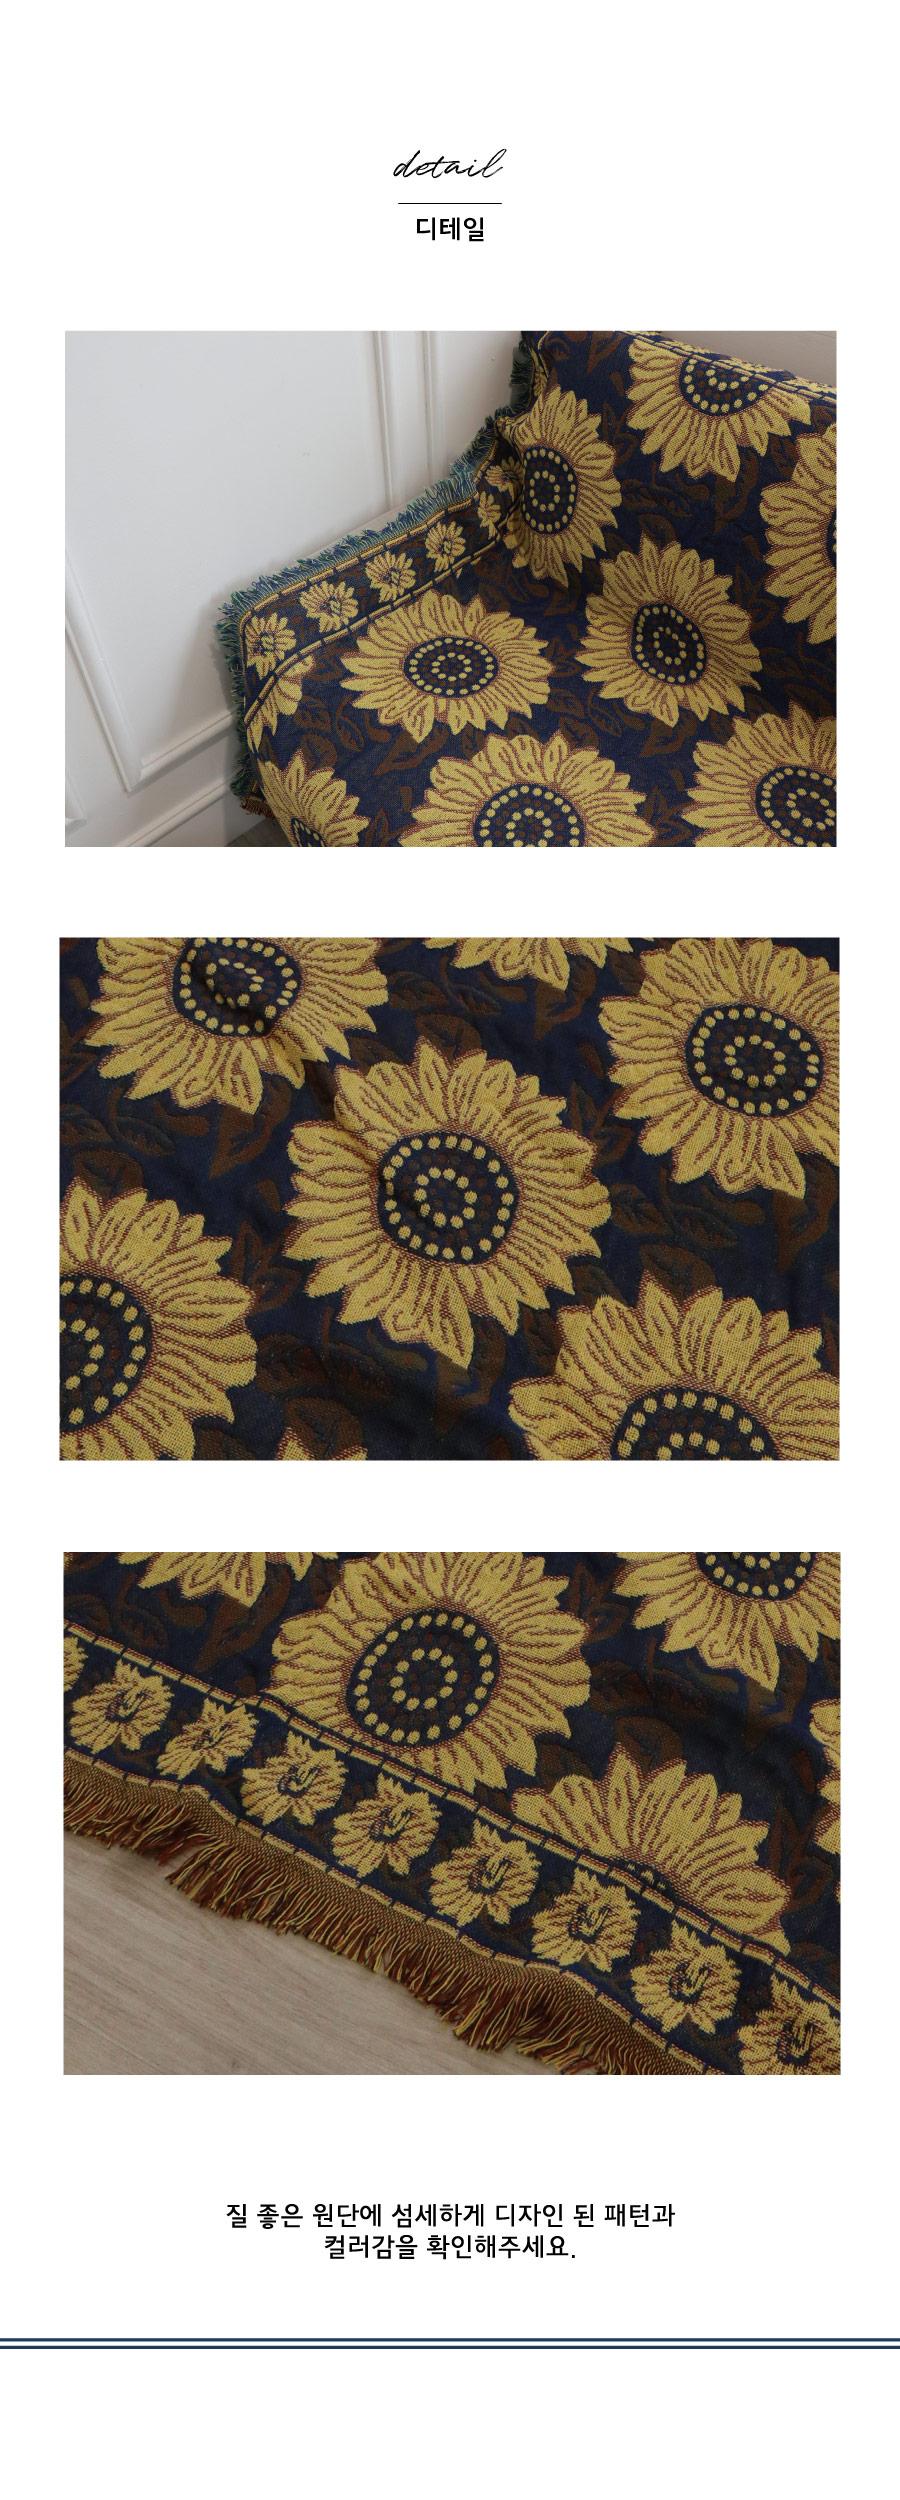 햇님바라기 양면활용 180X130cm 쇼파커버 거실러그 - 에이미루시, 49,000원, 커버류, 기타 커버류